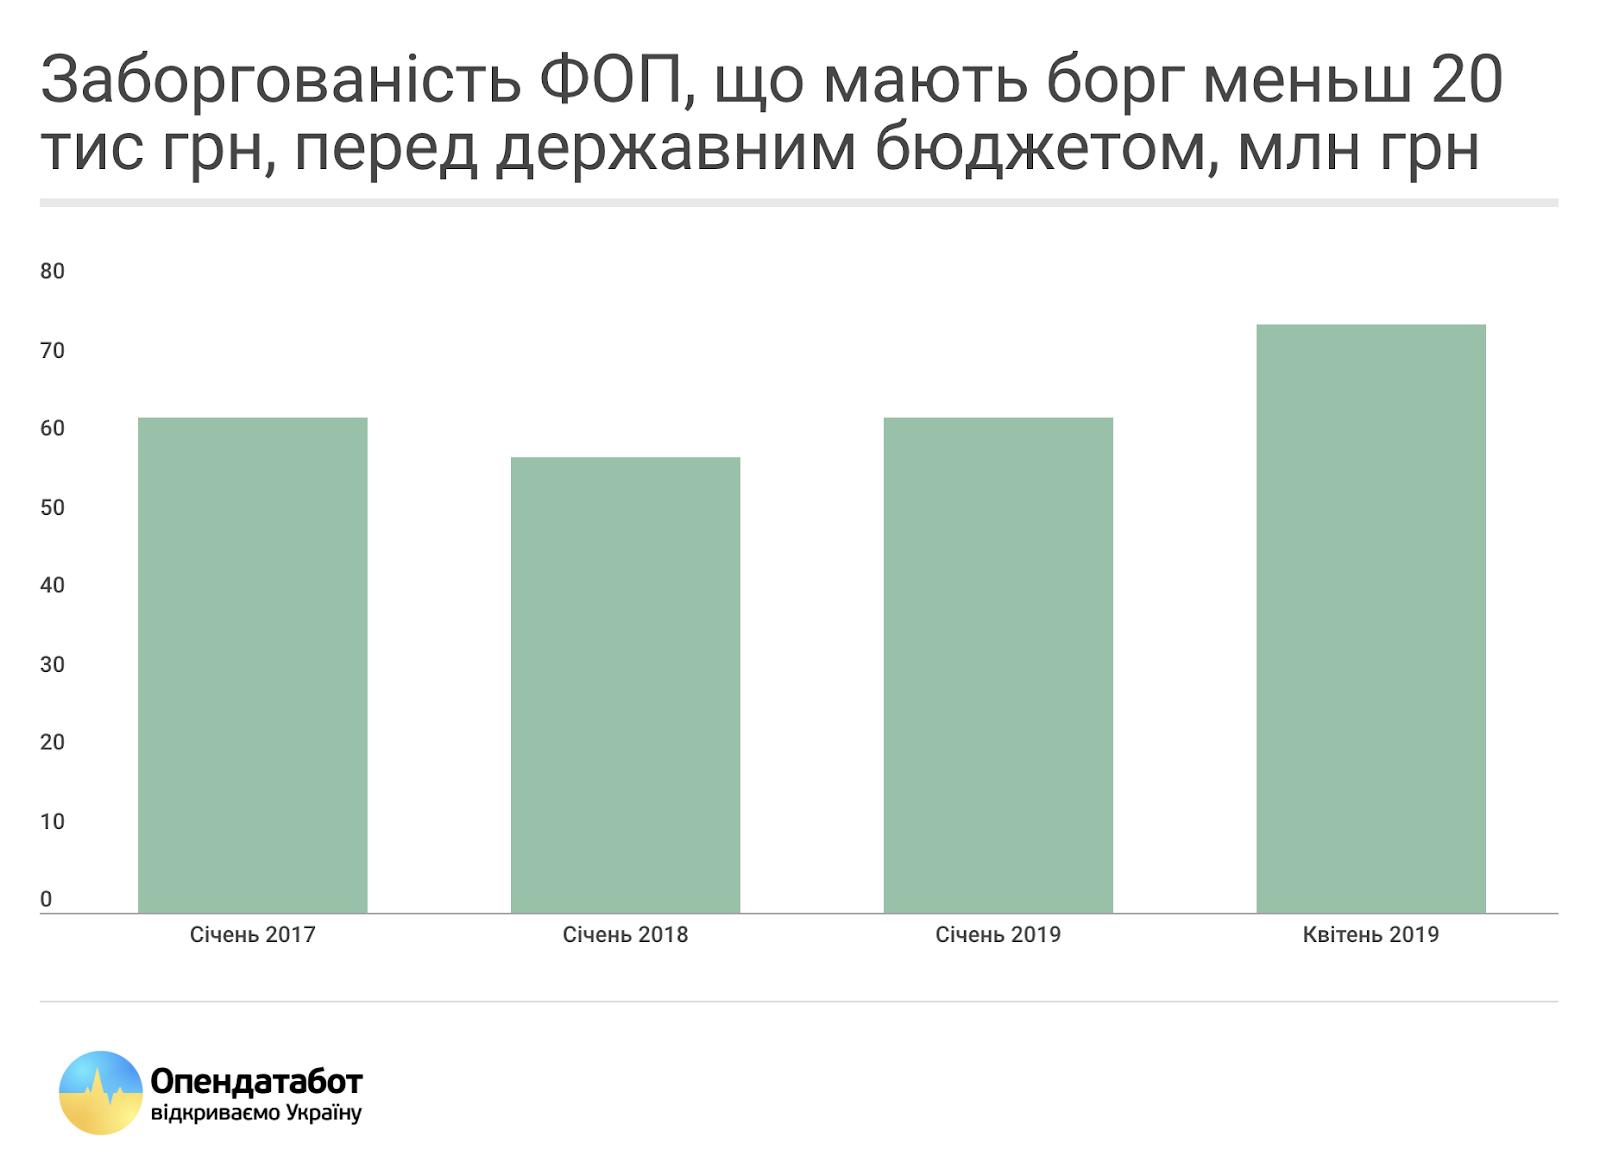 Заборгованість ФОП перед держбюджетом менше 20тис